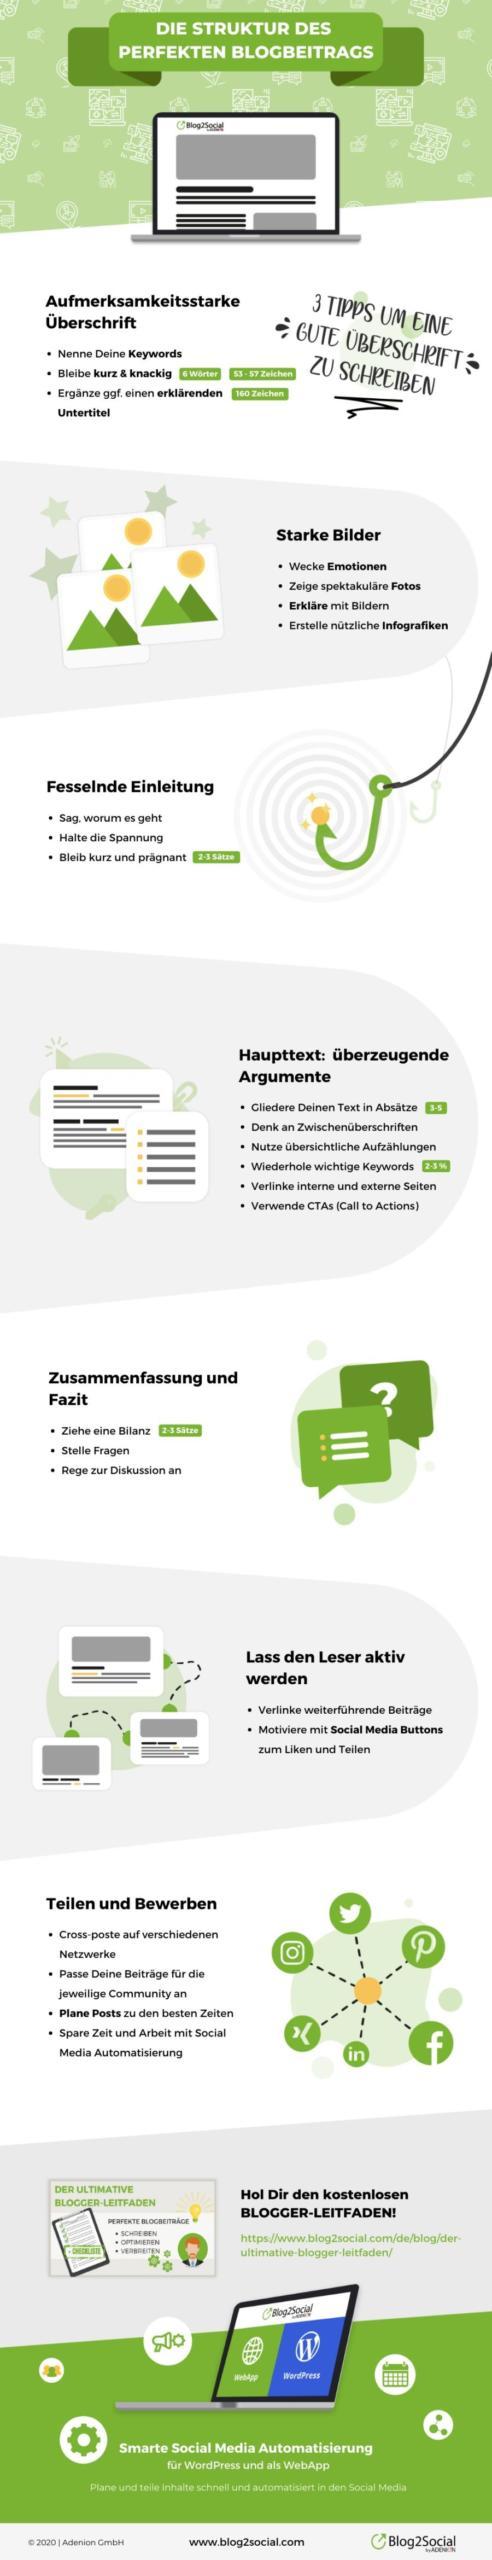 So sieht die Struktur eines perfekten Blogbeitrags als übersichtliche Infografik aus.